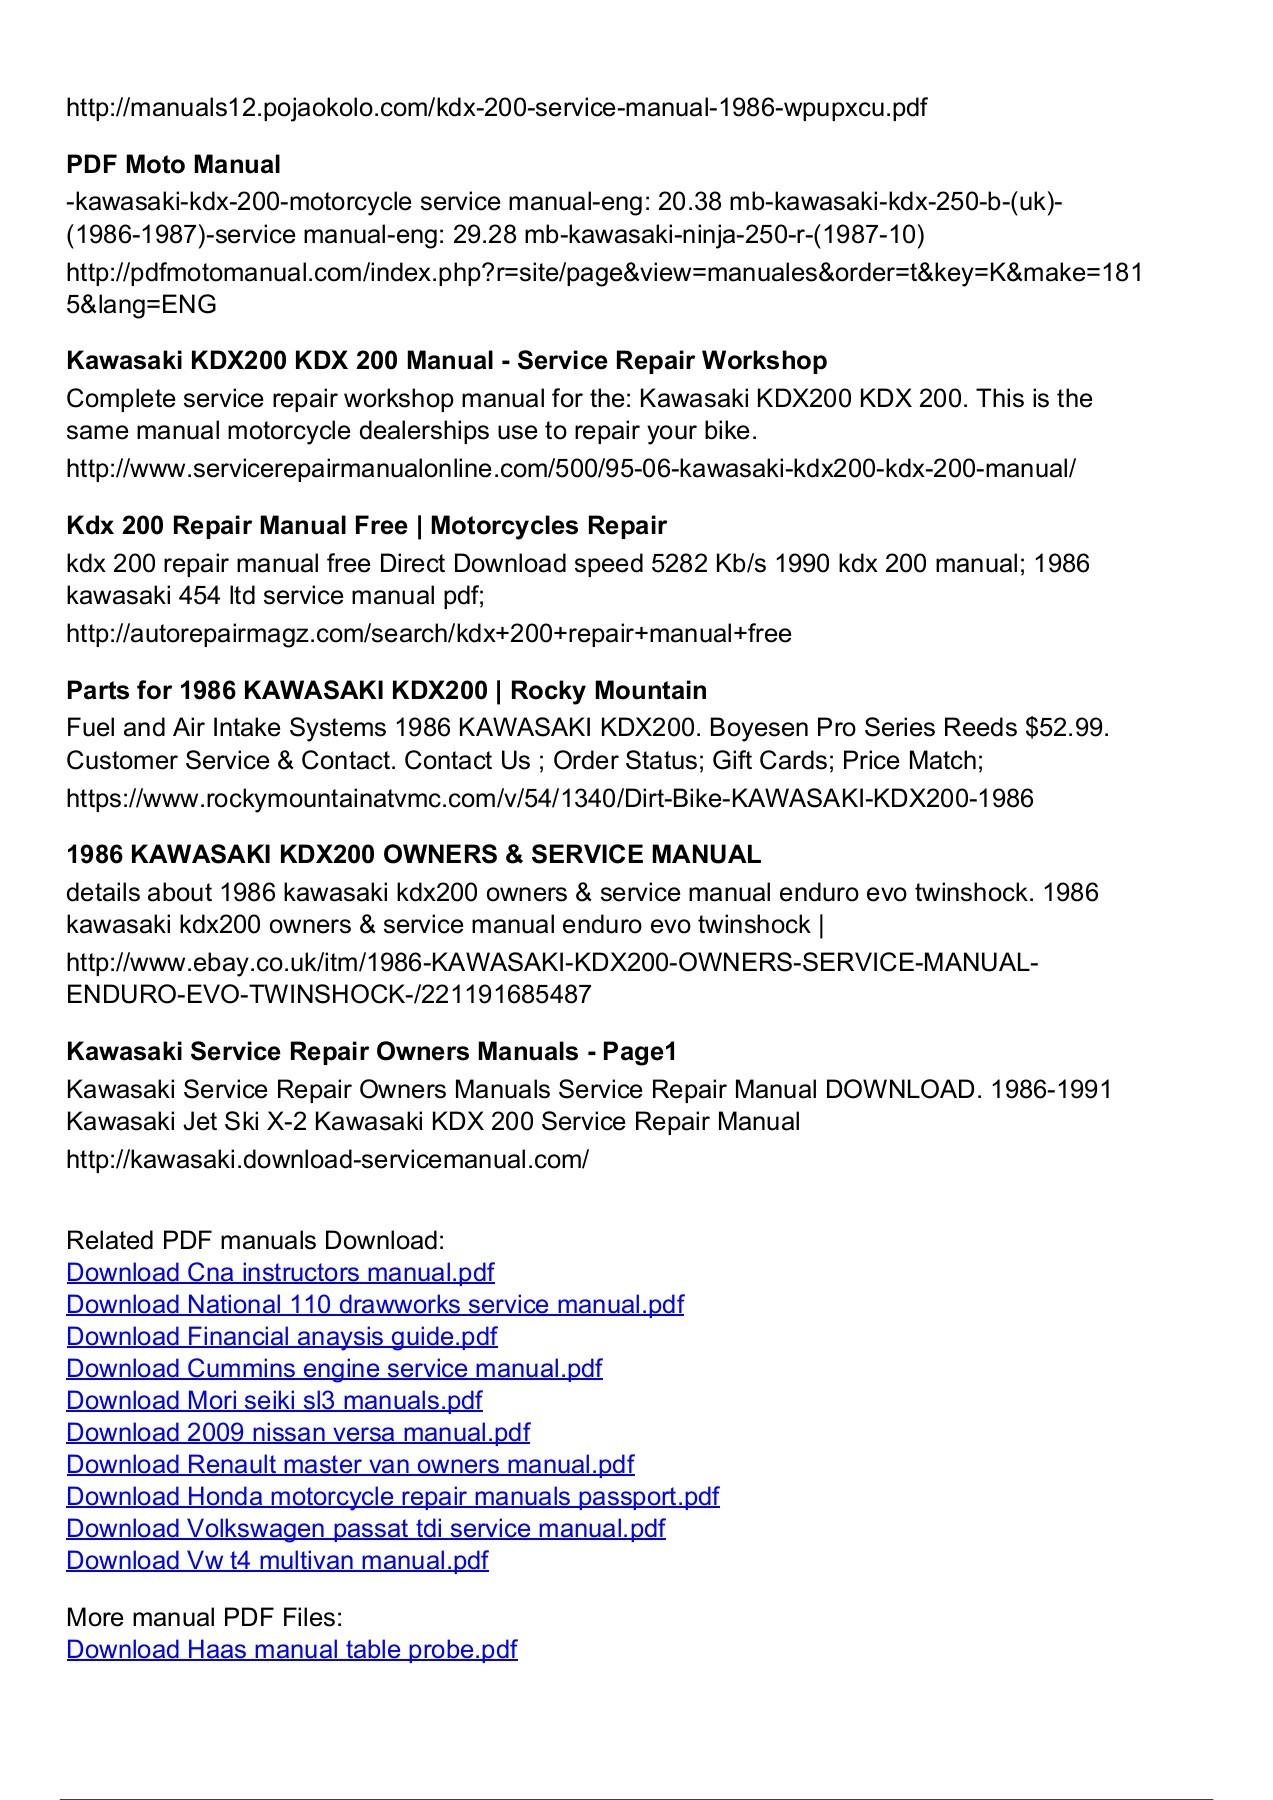 konica minolta magicolor 2400w user manual Array - 4age service manual  ebook rh 4age service manual ebook bitlab solutions